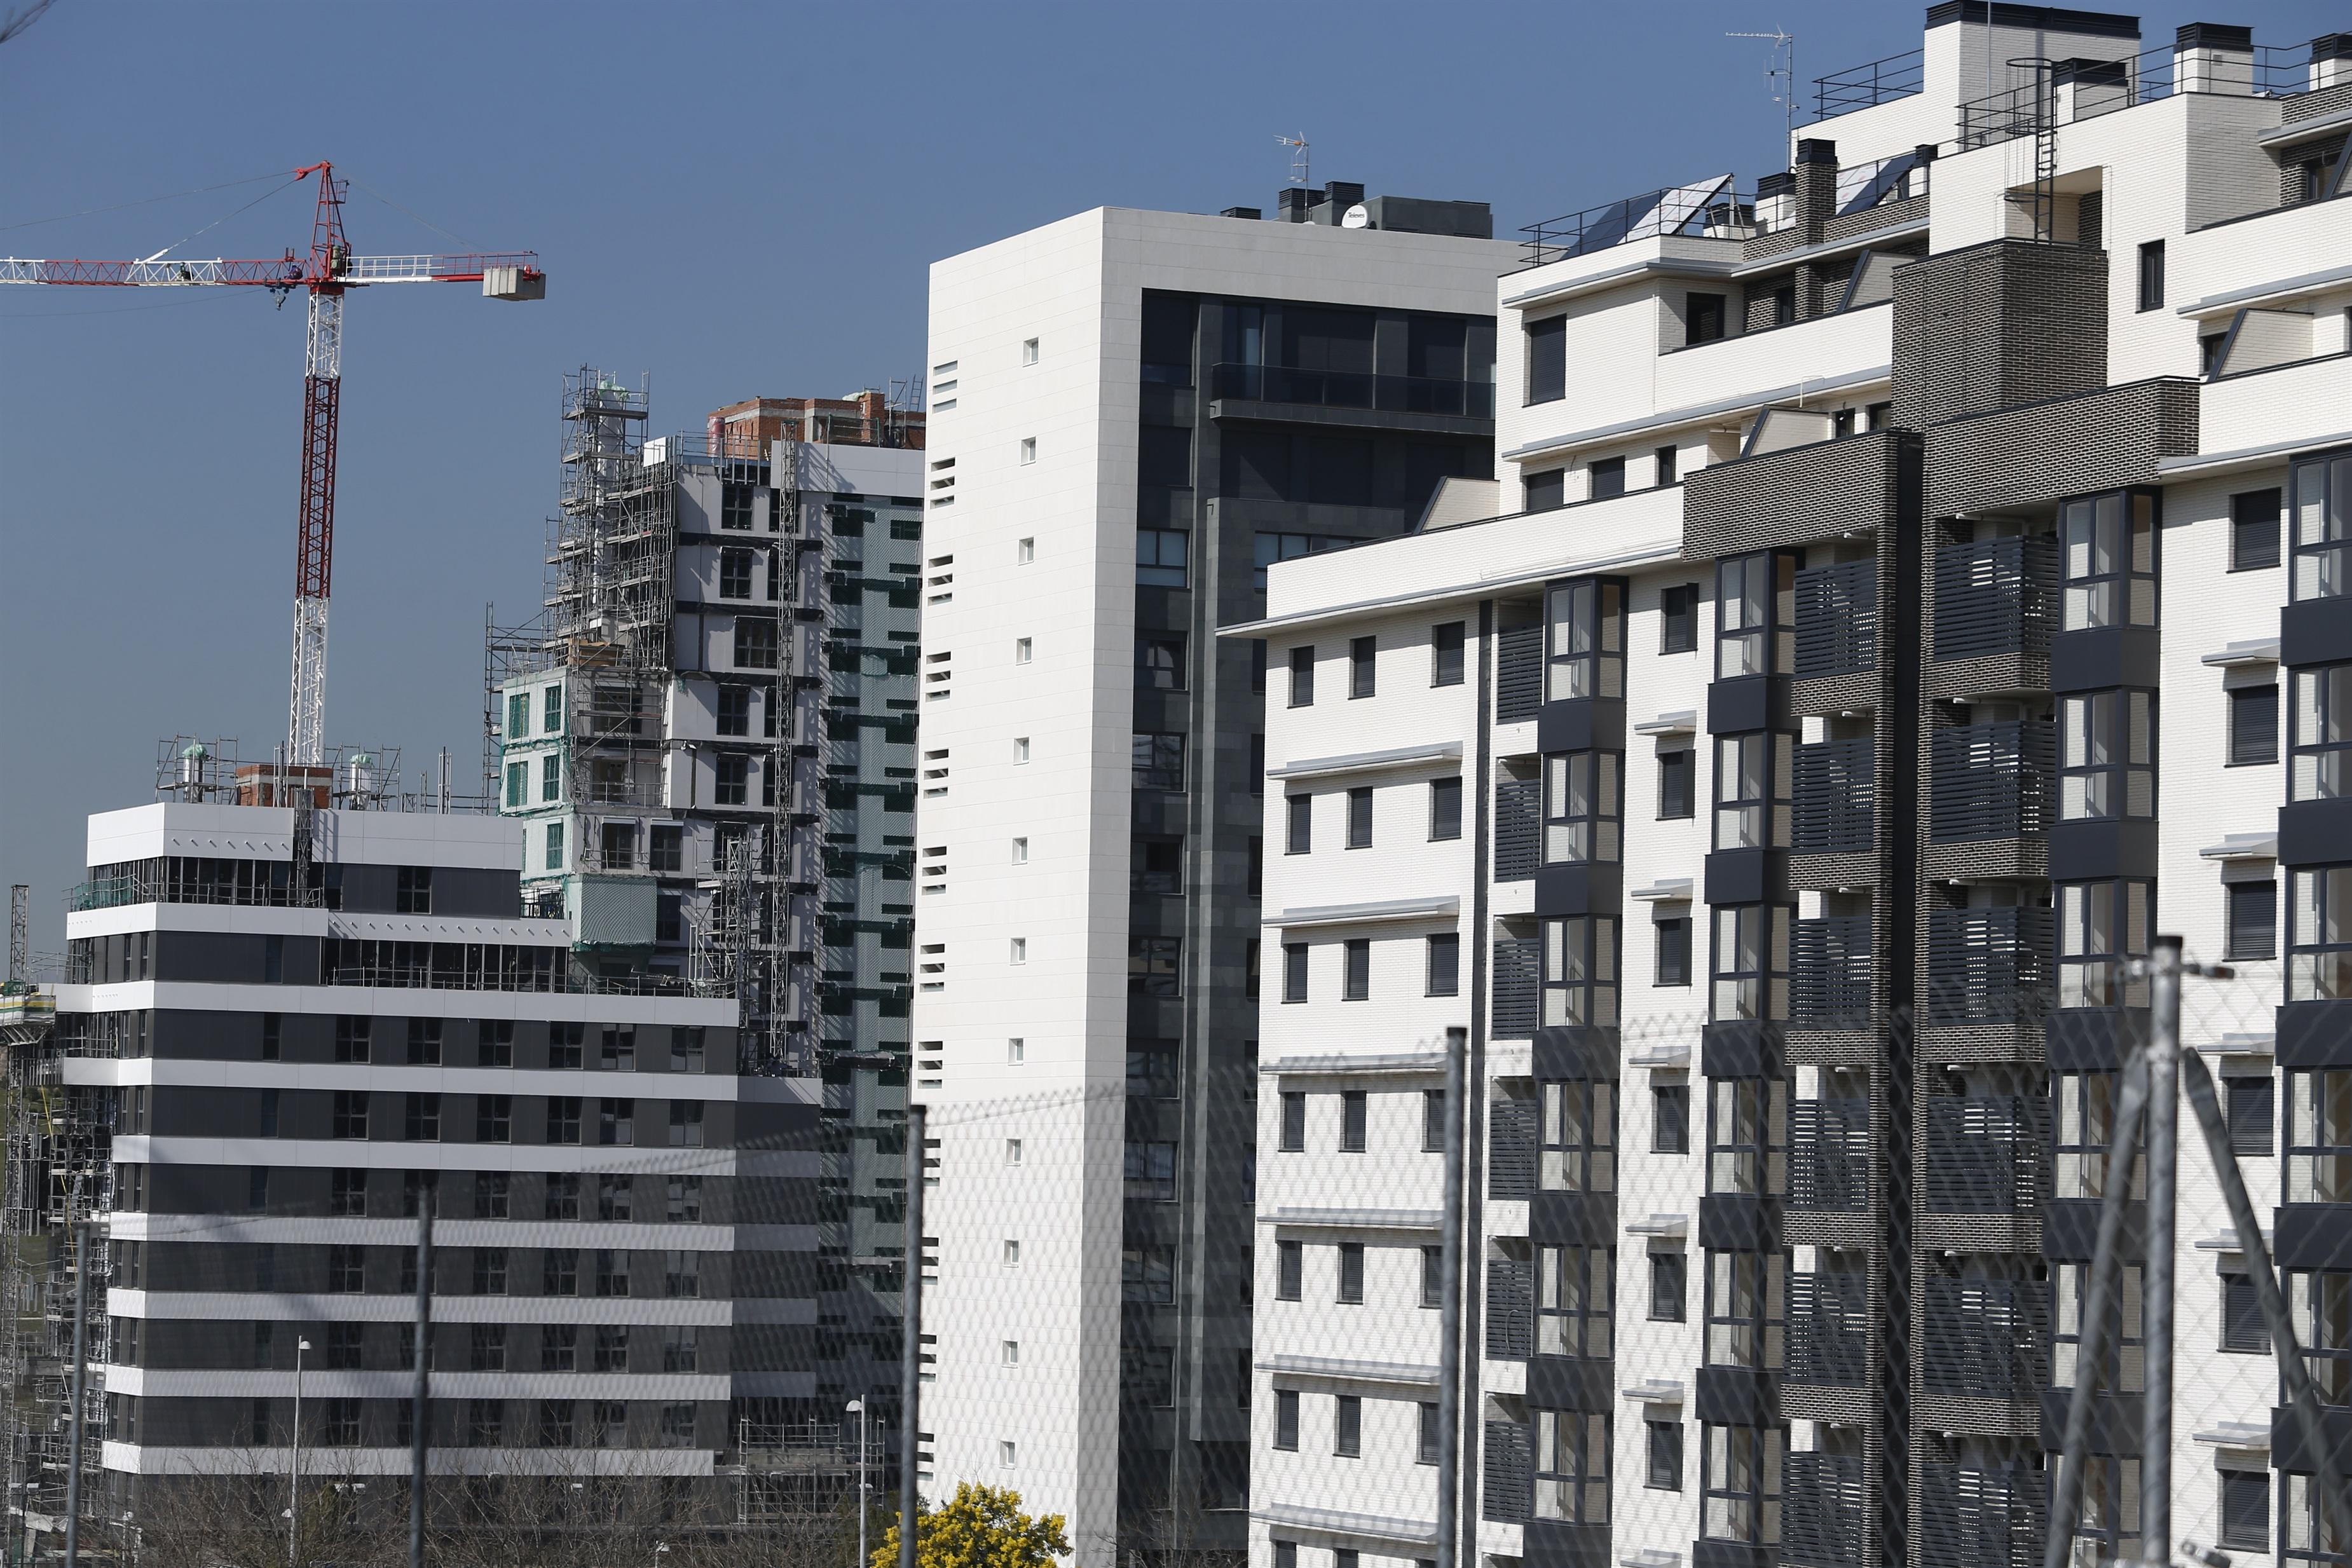 Viviendas en construcción en Madrid / EUROPA PRESS